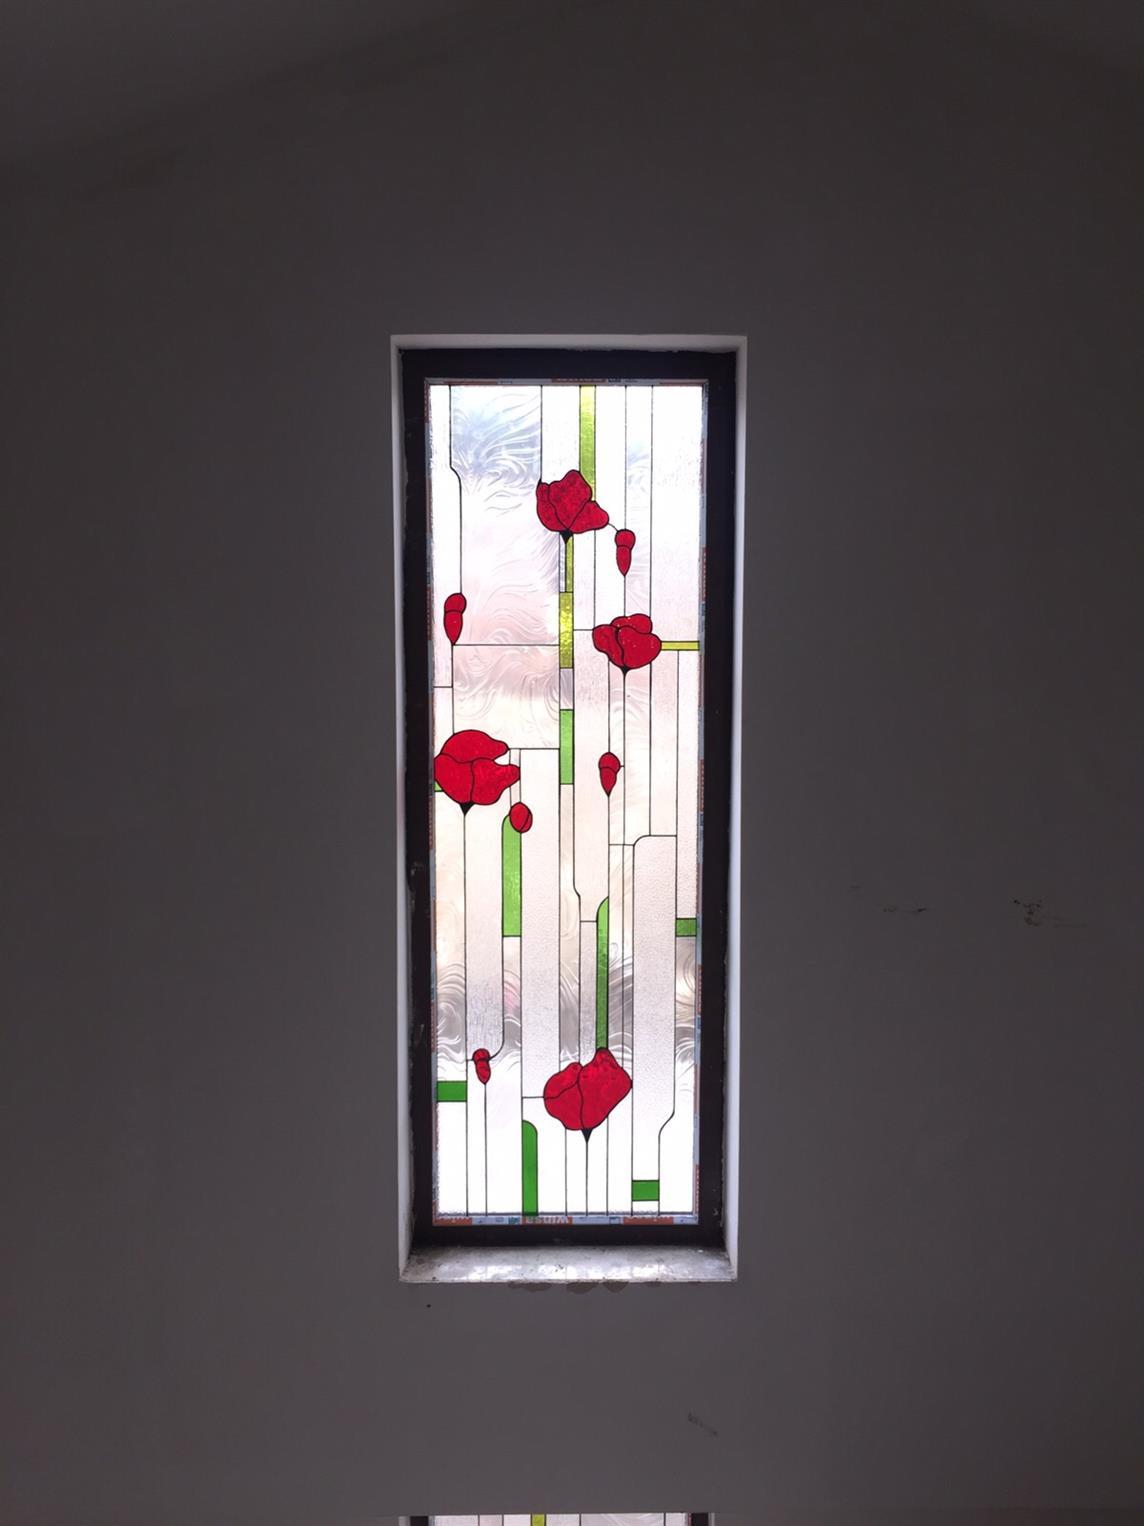 urla-evleri-vitray-calismasi201652144948268.jpg izmir vitray çalışması